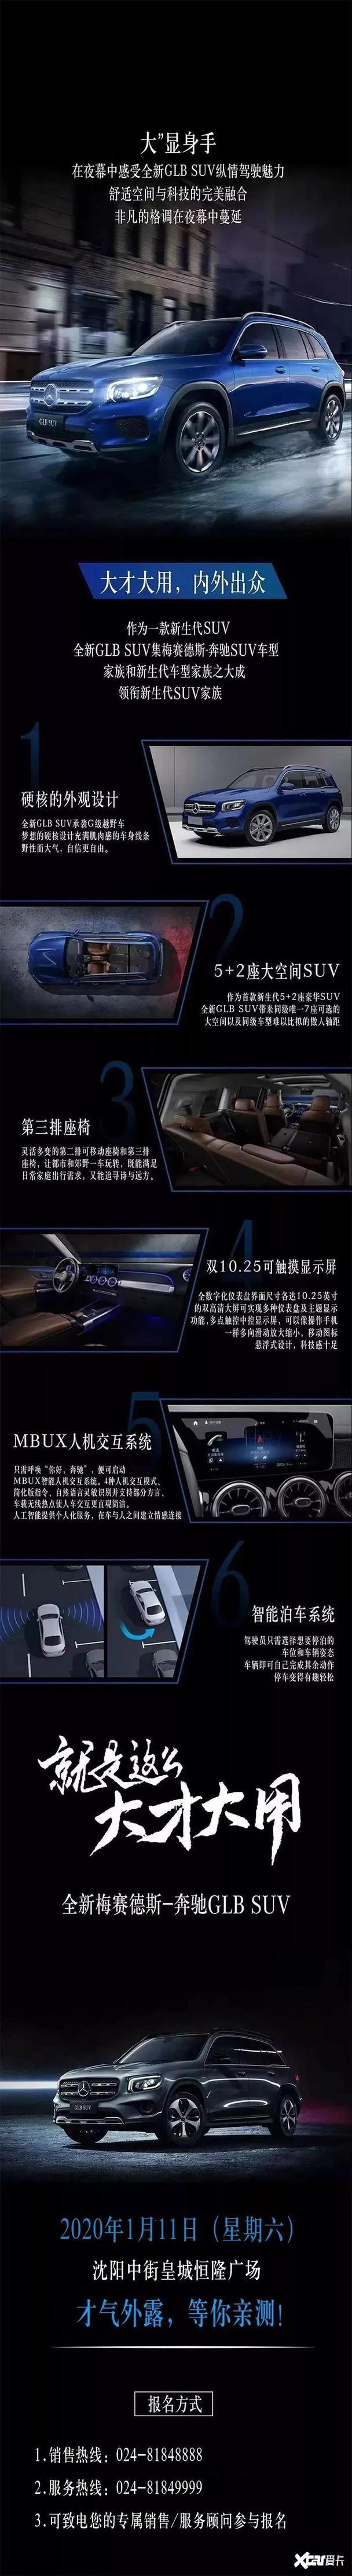 """全新梅赛德斯-奔驰GLB SUV沈阳上市发布会盛""""大""""启幕!"""